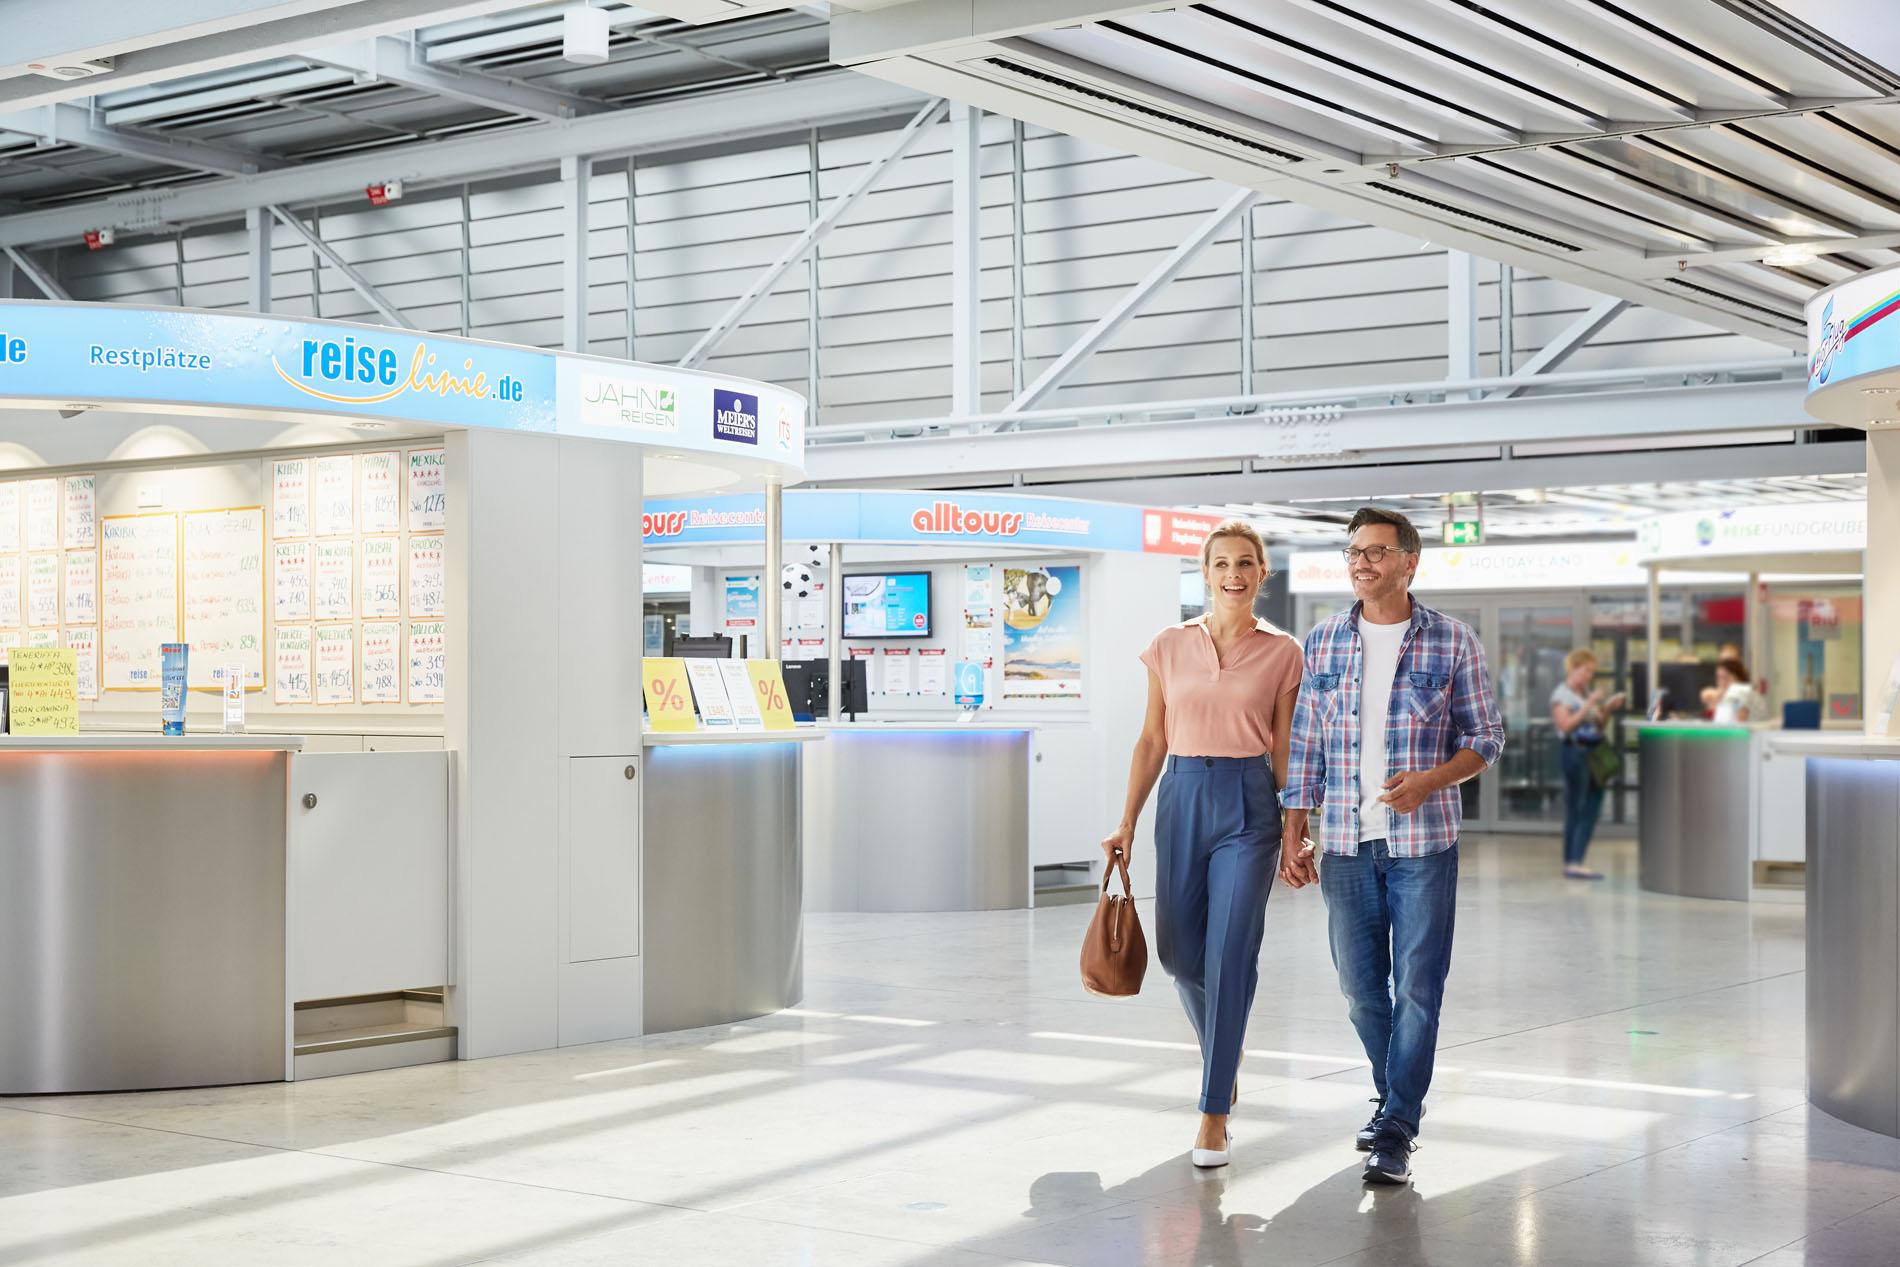 Flughafen Nürnberg - Reisewelt